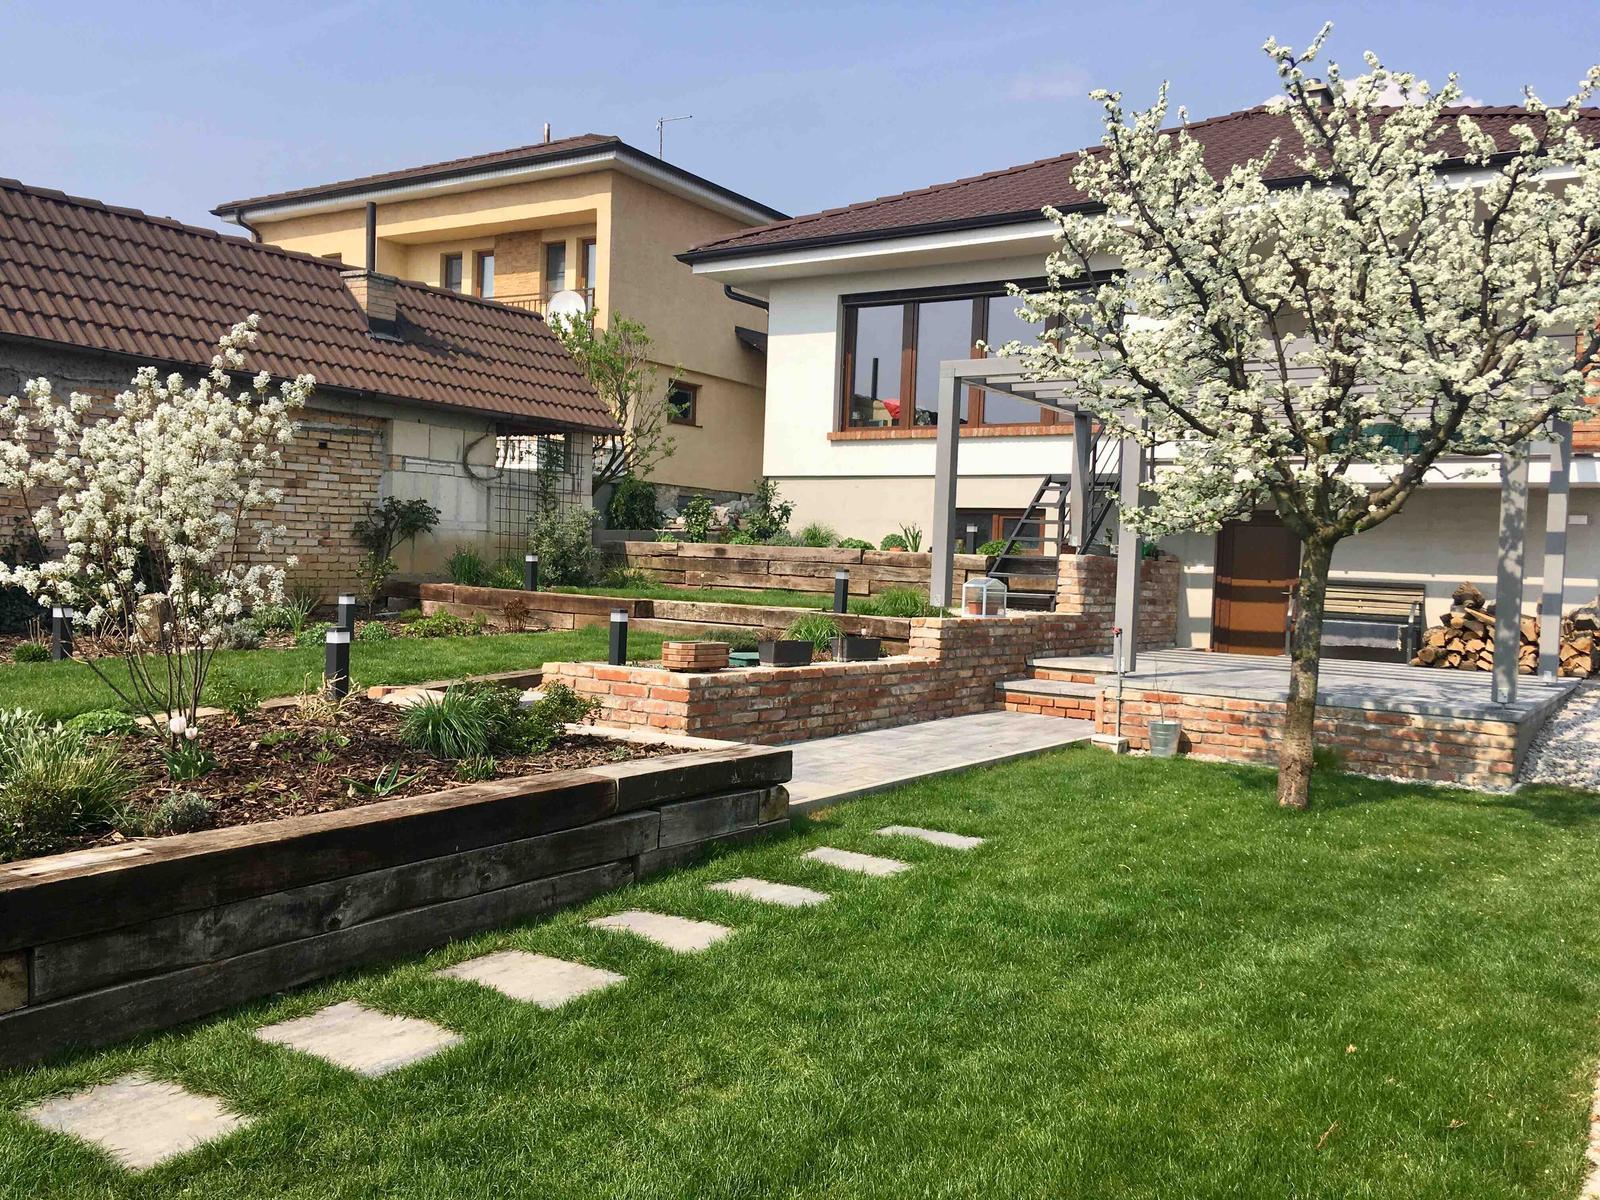 Názov stavby 3 - in da garden - do mesiaca snáď pribudne tehlový sokel